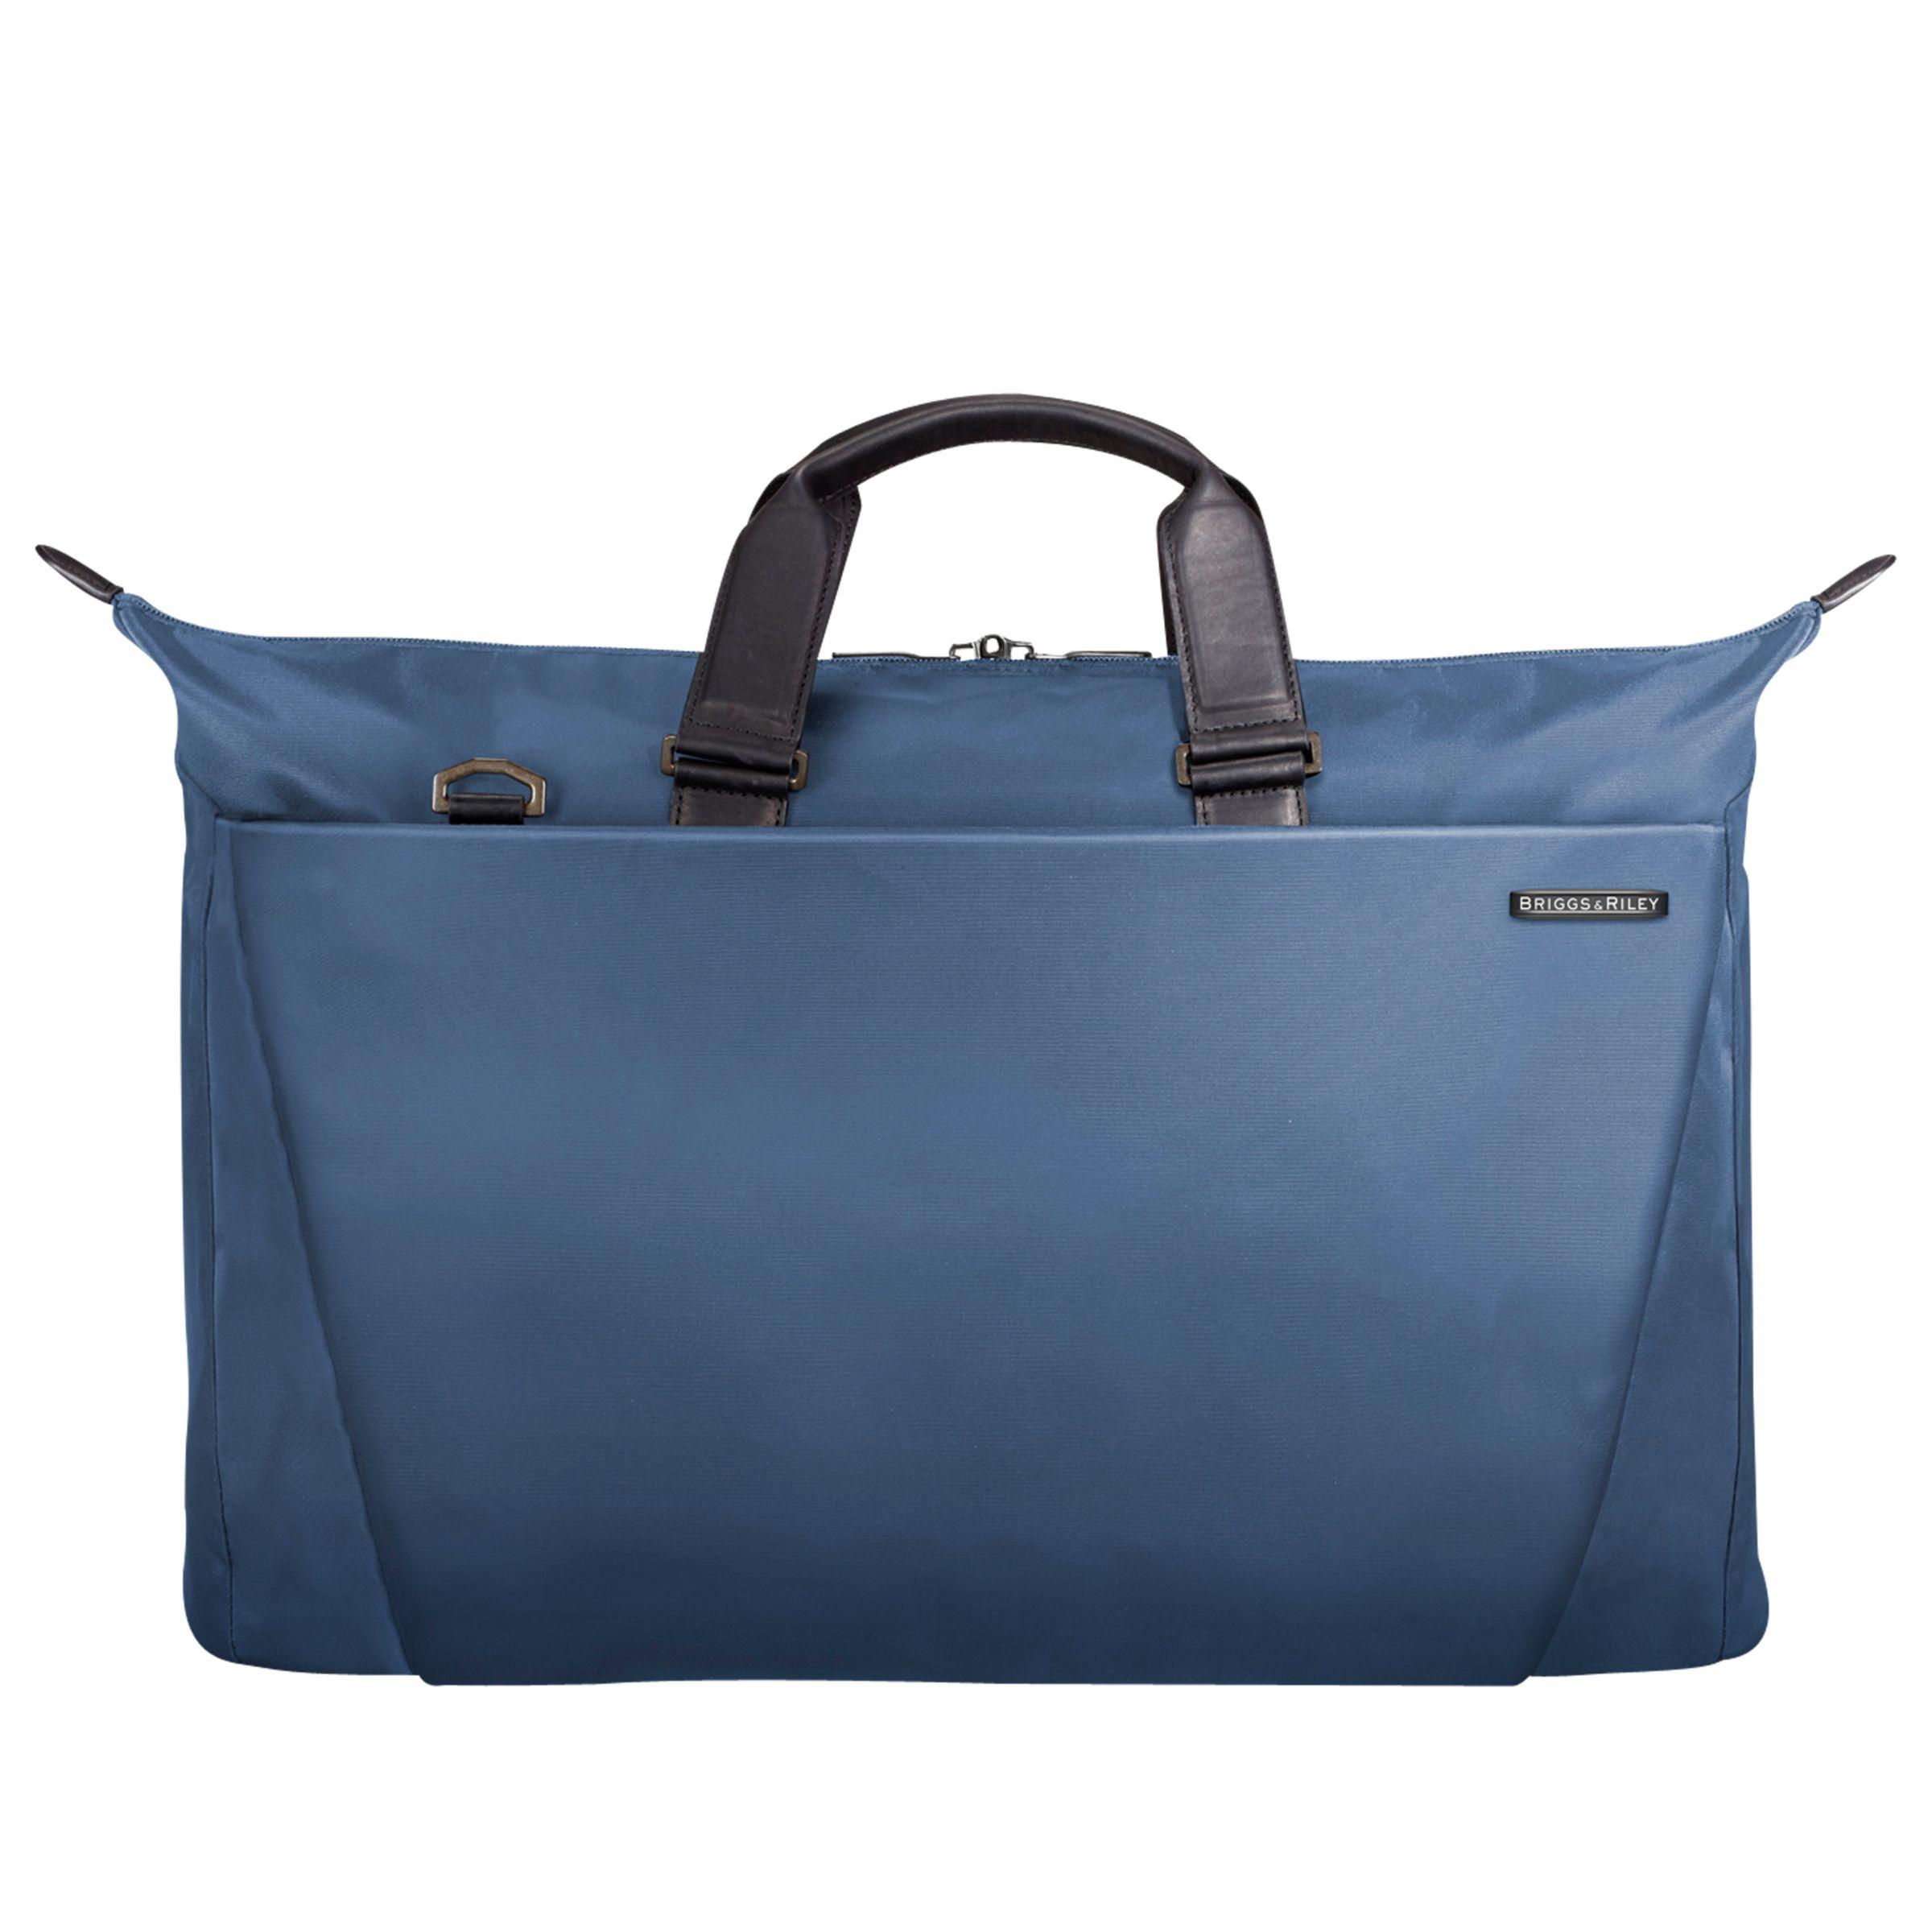 Briggs & Riley Briggs & Riley Sympatico Weekender Medium Bag